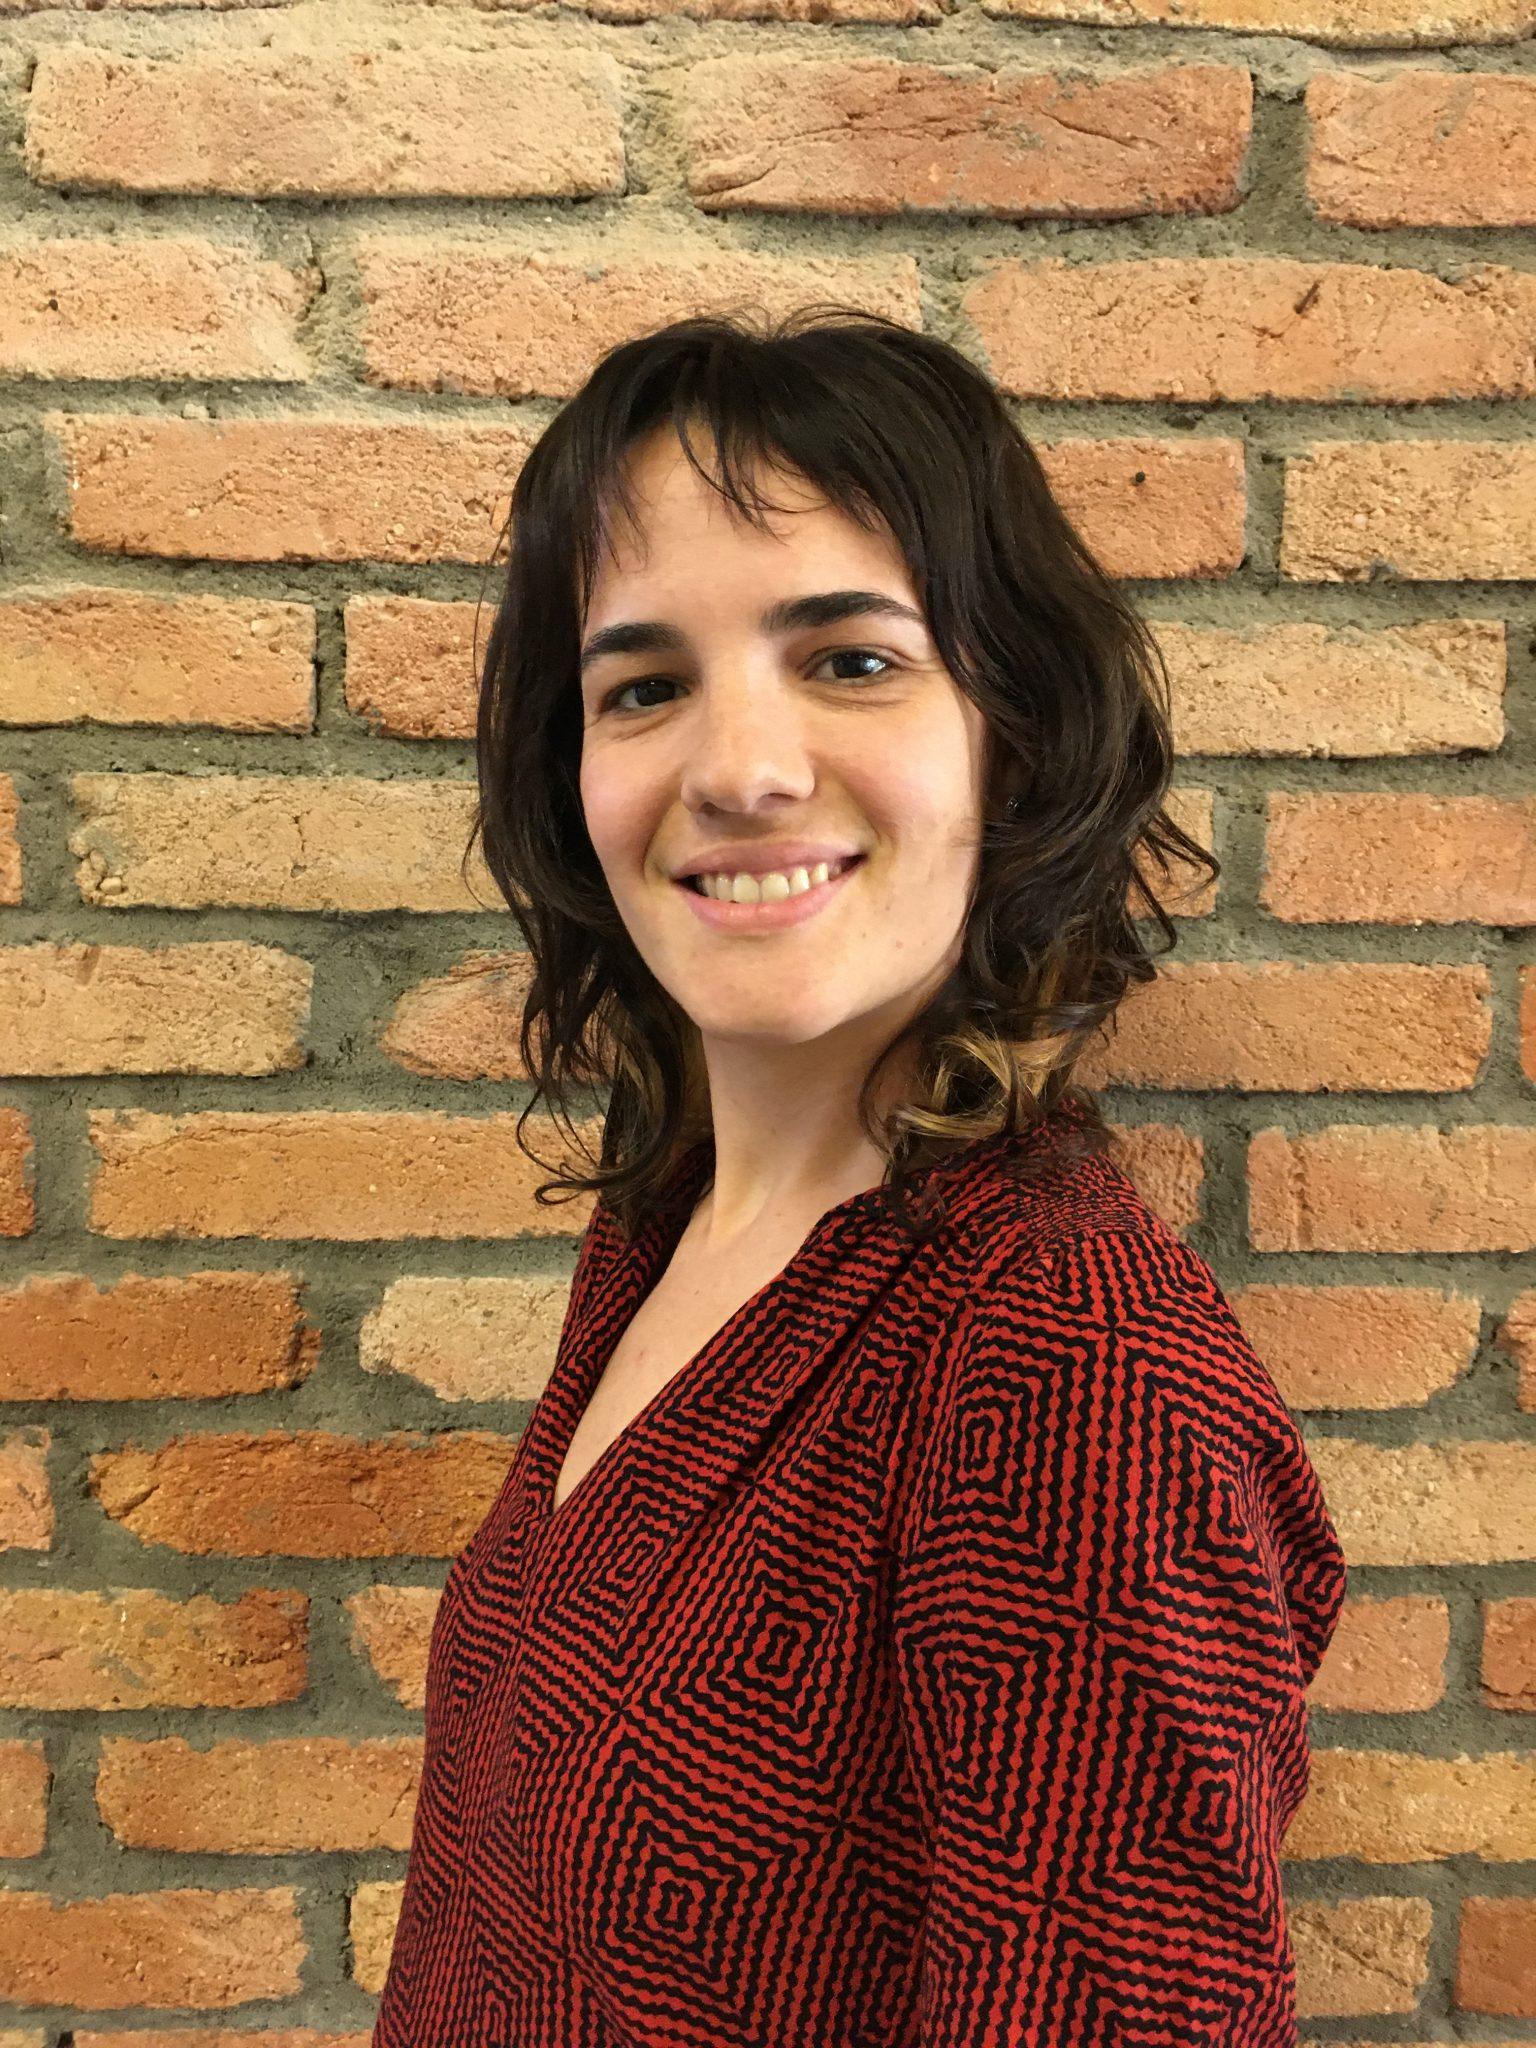 Sofia Botelho De Almeida